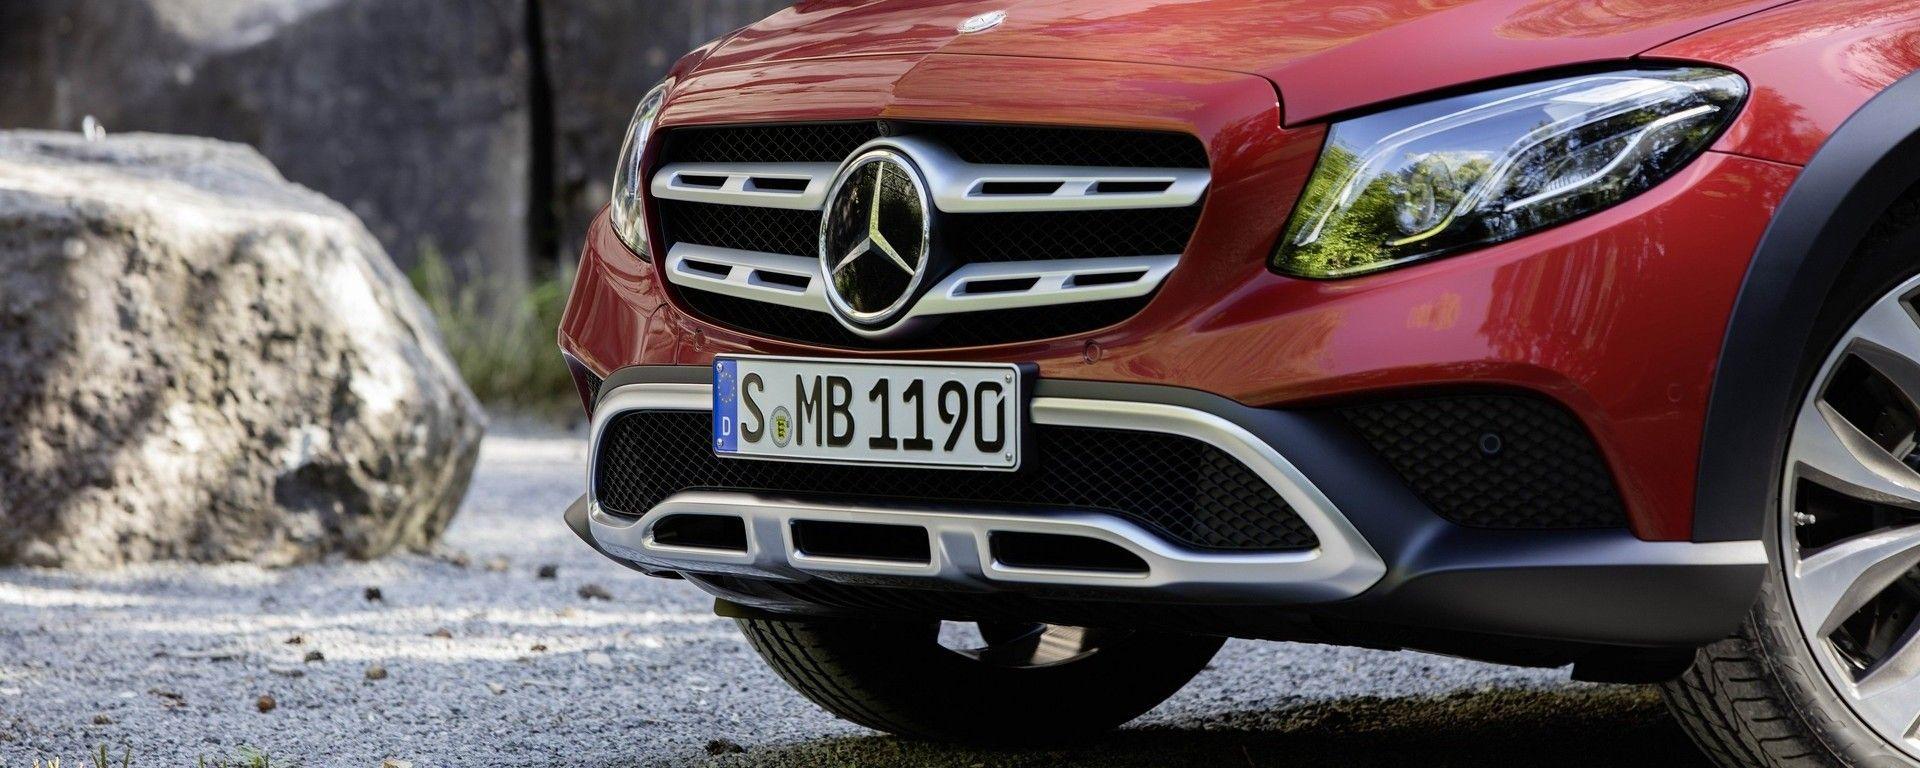 Nuova Mercedes Classe C: nel 2022 sarà anche All Terrain